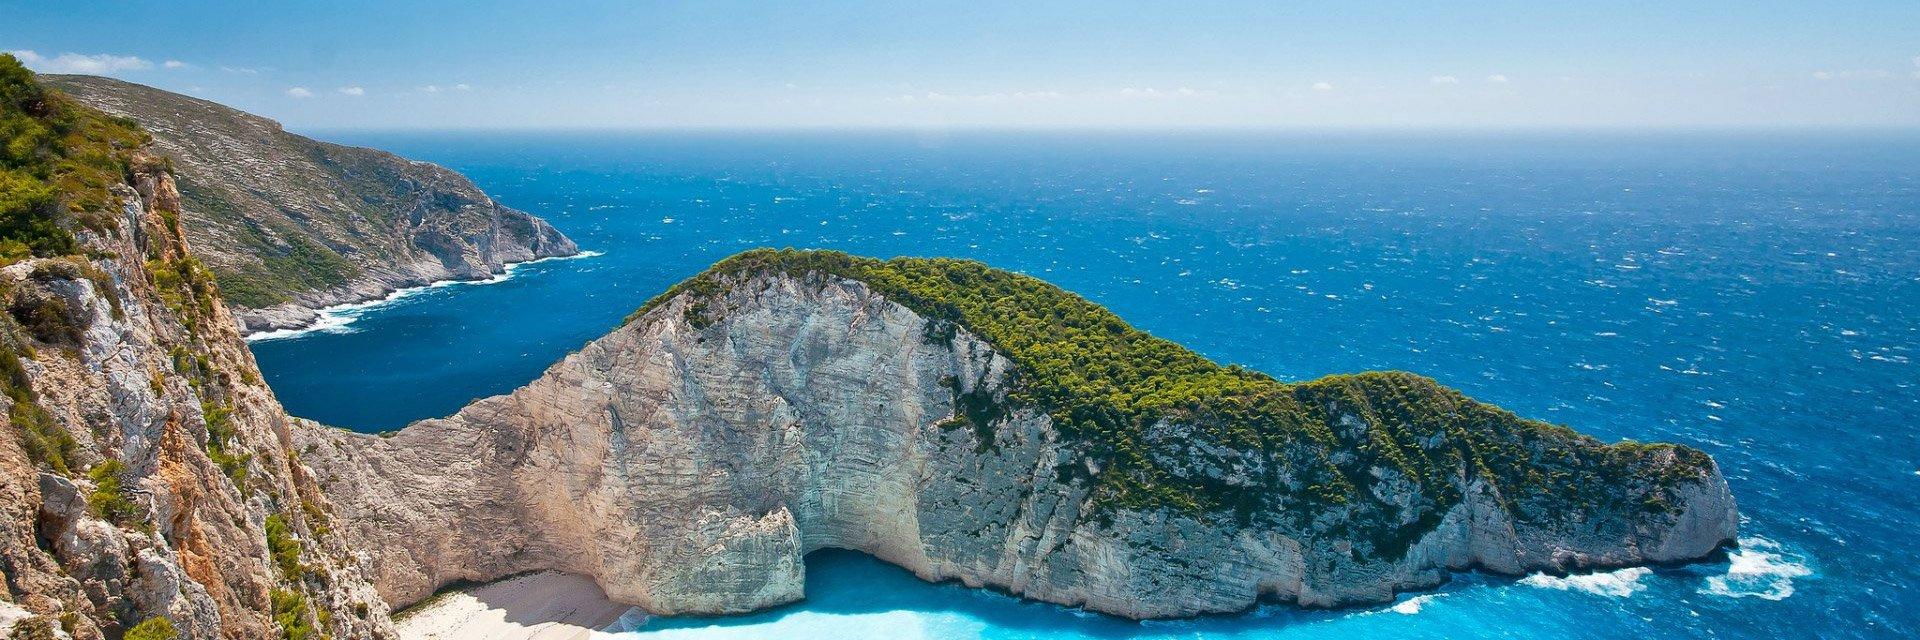 Туры в Албанию летом 2020 из Москвы - цены, путевки на отдых в Албании летом - ПАКС